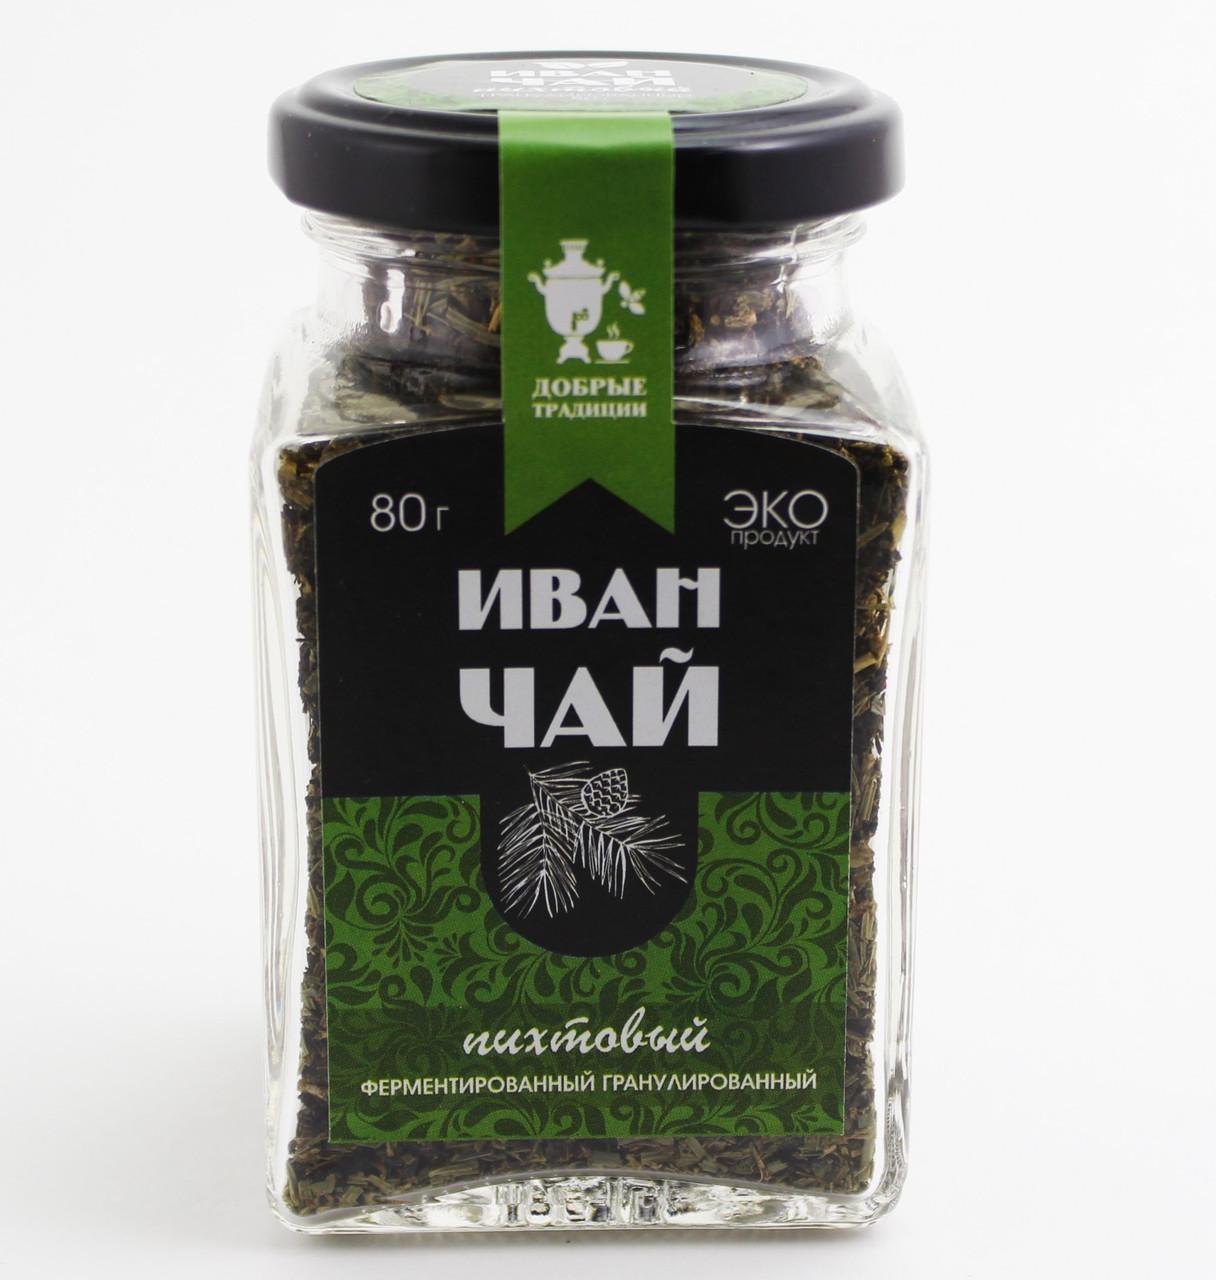 Иван чай  гран. с пихтой, банка, 80 г